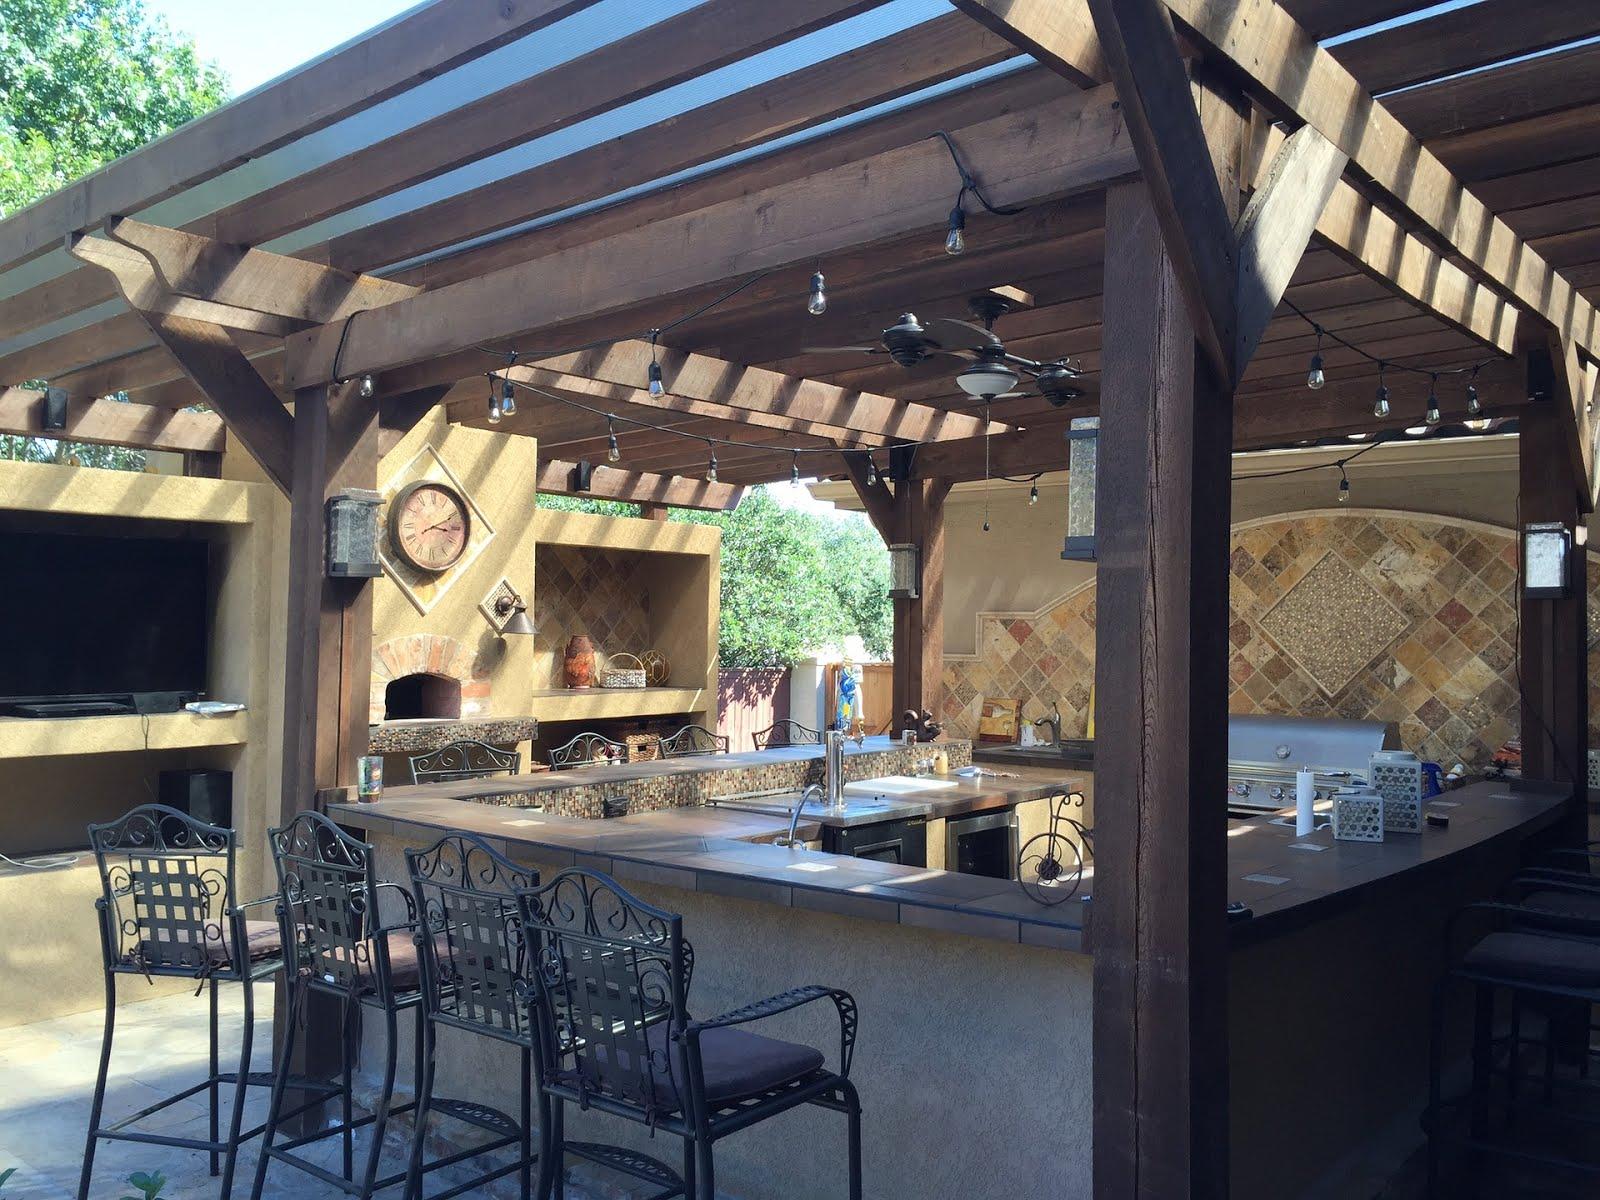 Outdoor Küche Im Wintergarten : Die outdoorküche u top tipps damit alles stimmt